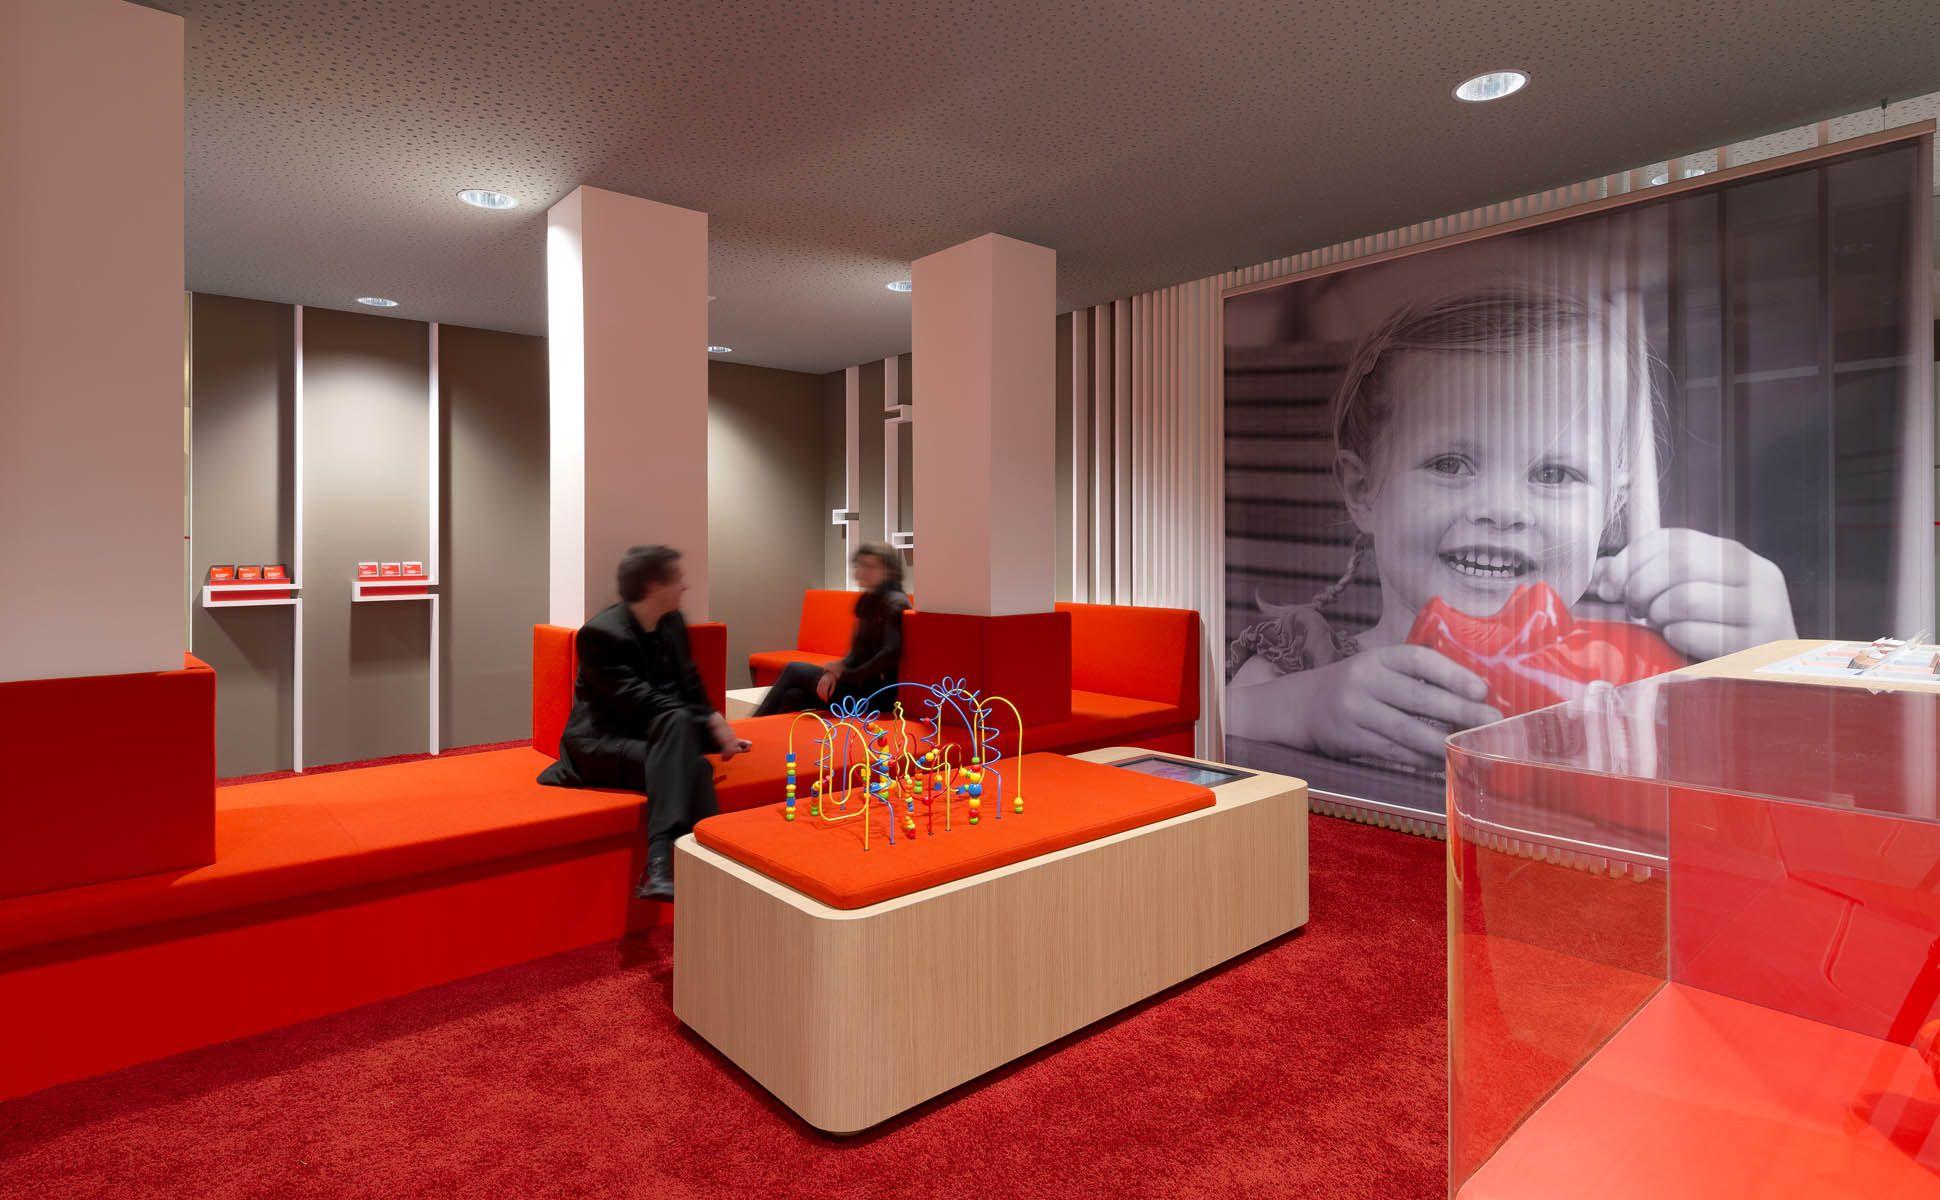 Düsseldorf Innenarchitektur bkp innenarchitektur düsseldorf produktpräsentation